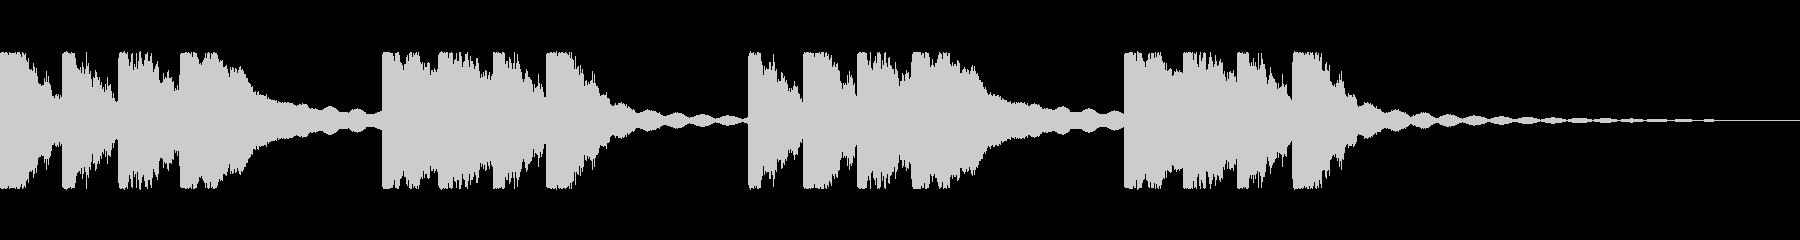 キーンコーンカーンコーン(学校チャイム)の未再生の波形